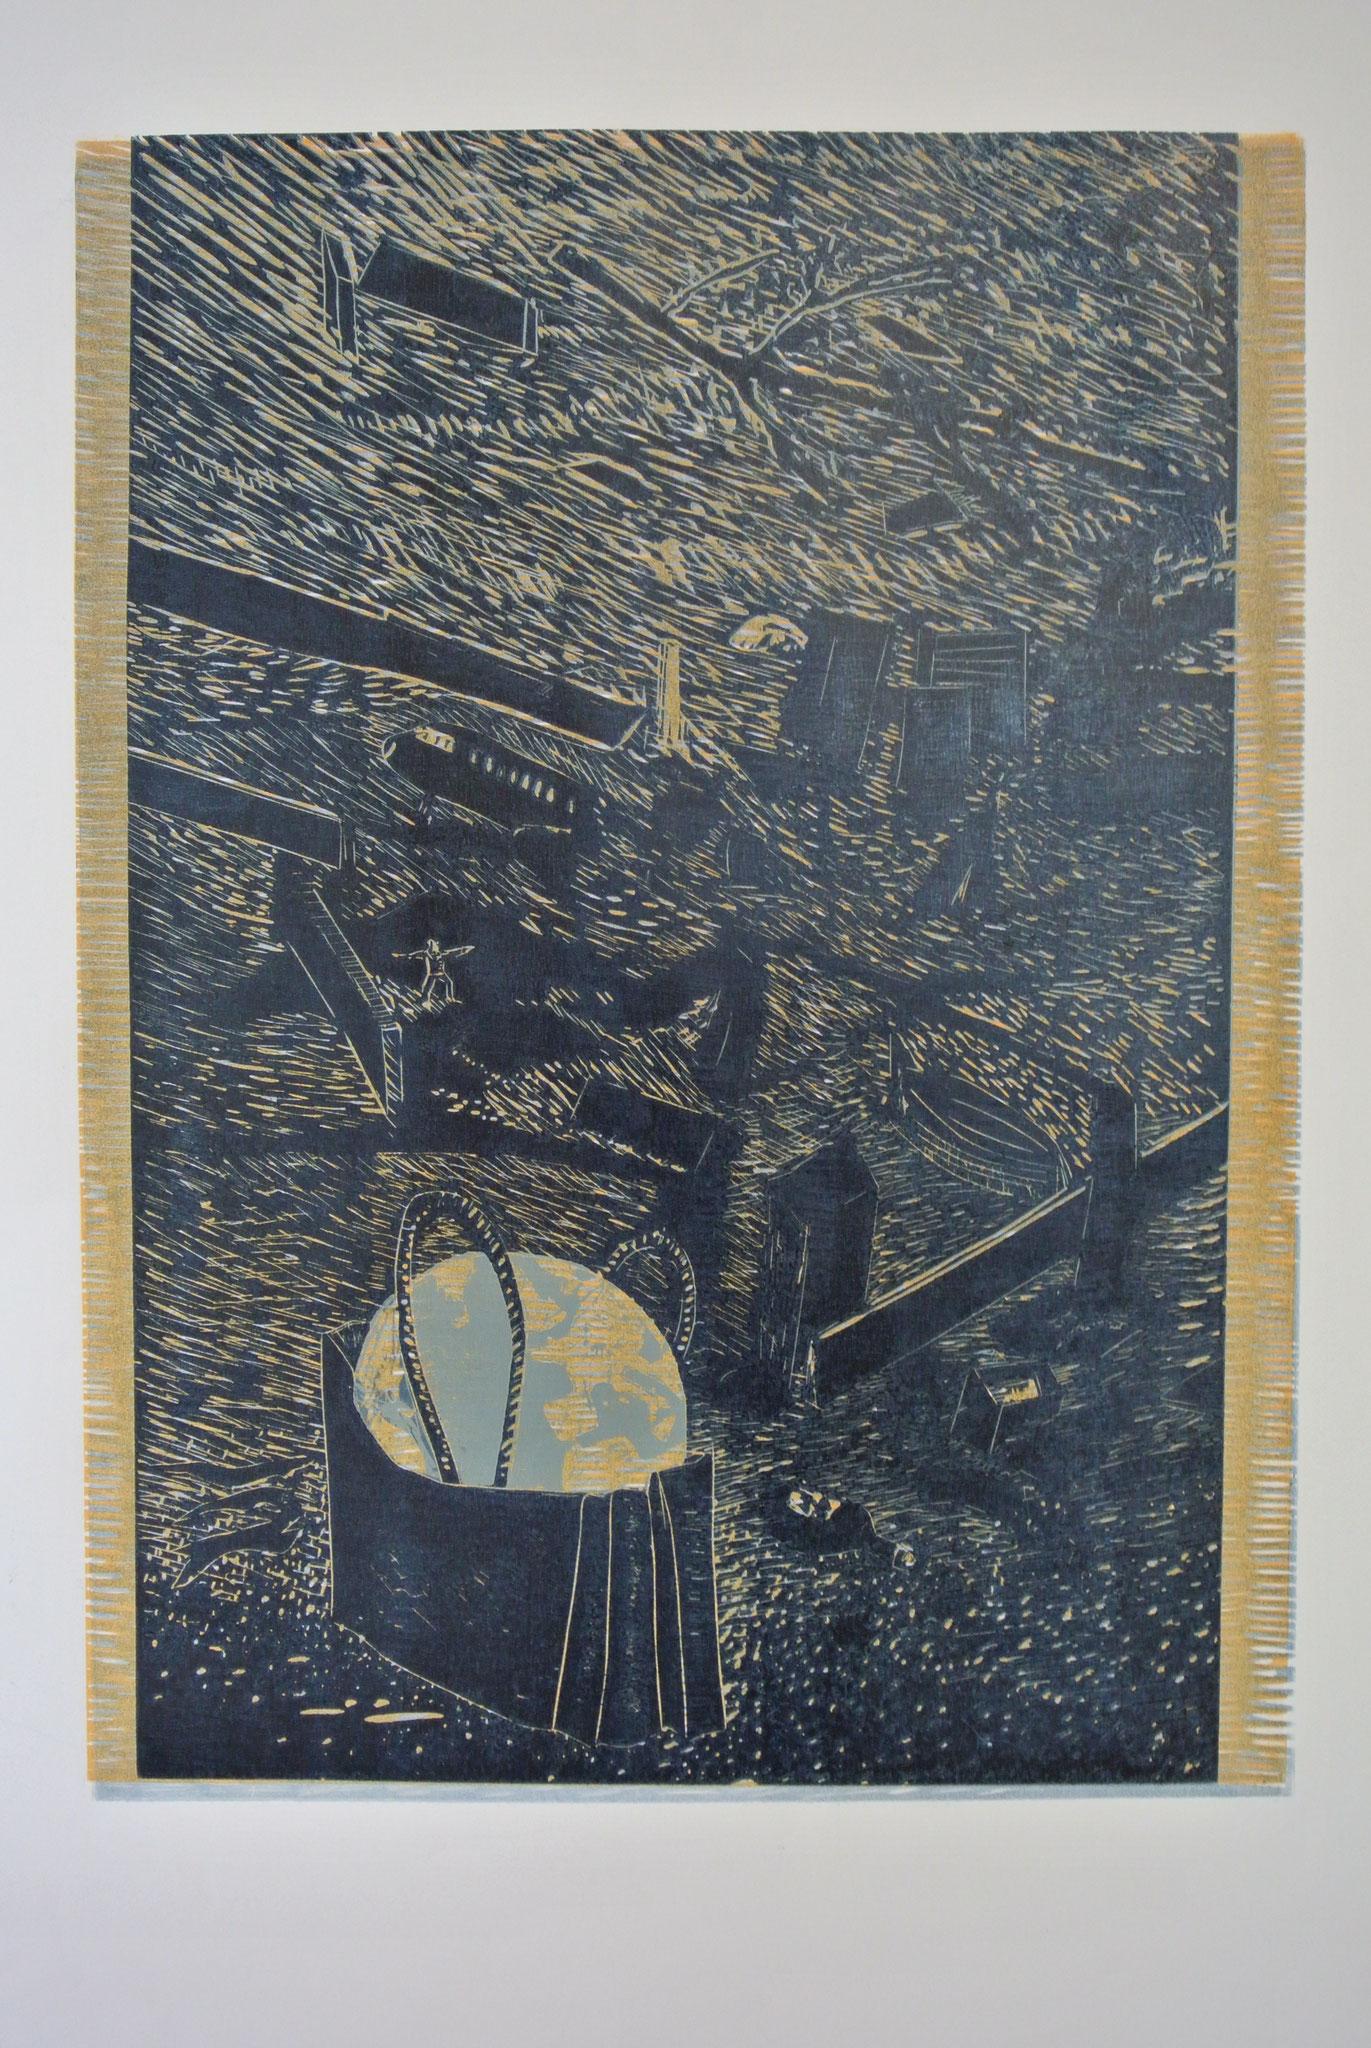 """""""Aus der 2. Werkserie """"EINE ERDGESCHICHTE in 3 Akten"""" Holzschnitt 44cm x 60cm (verlorene Platte)"""